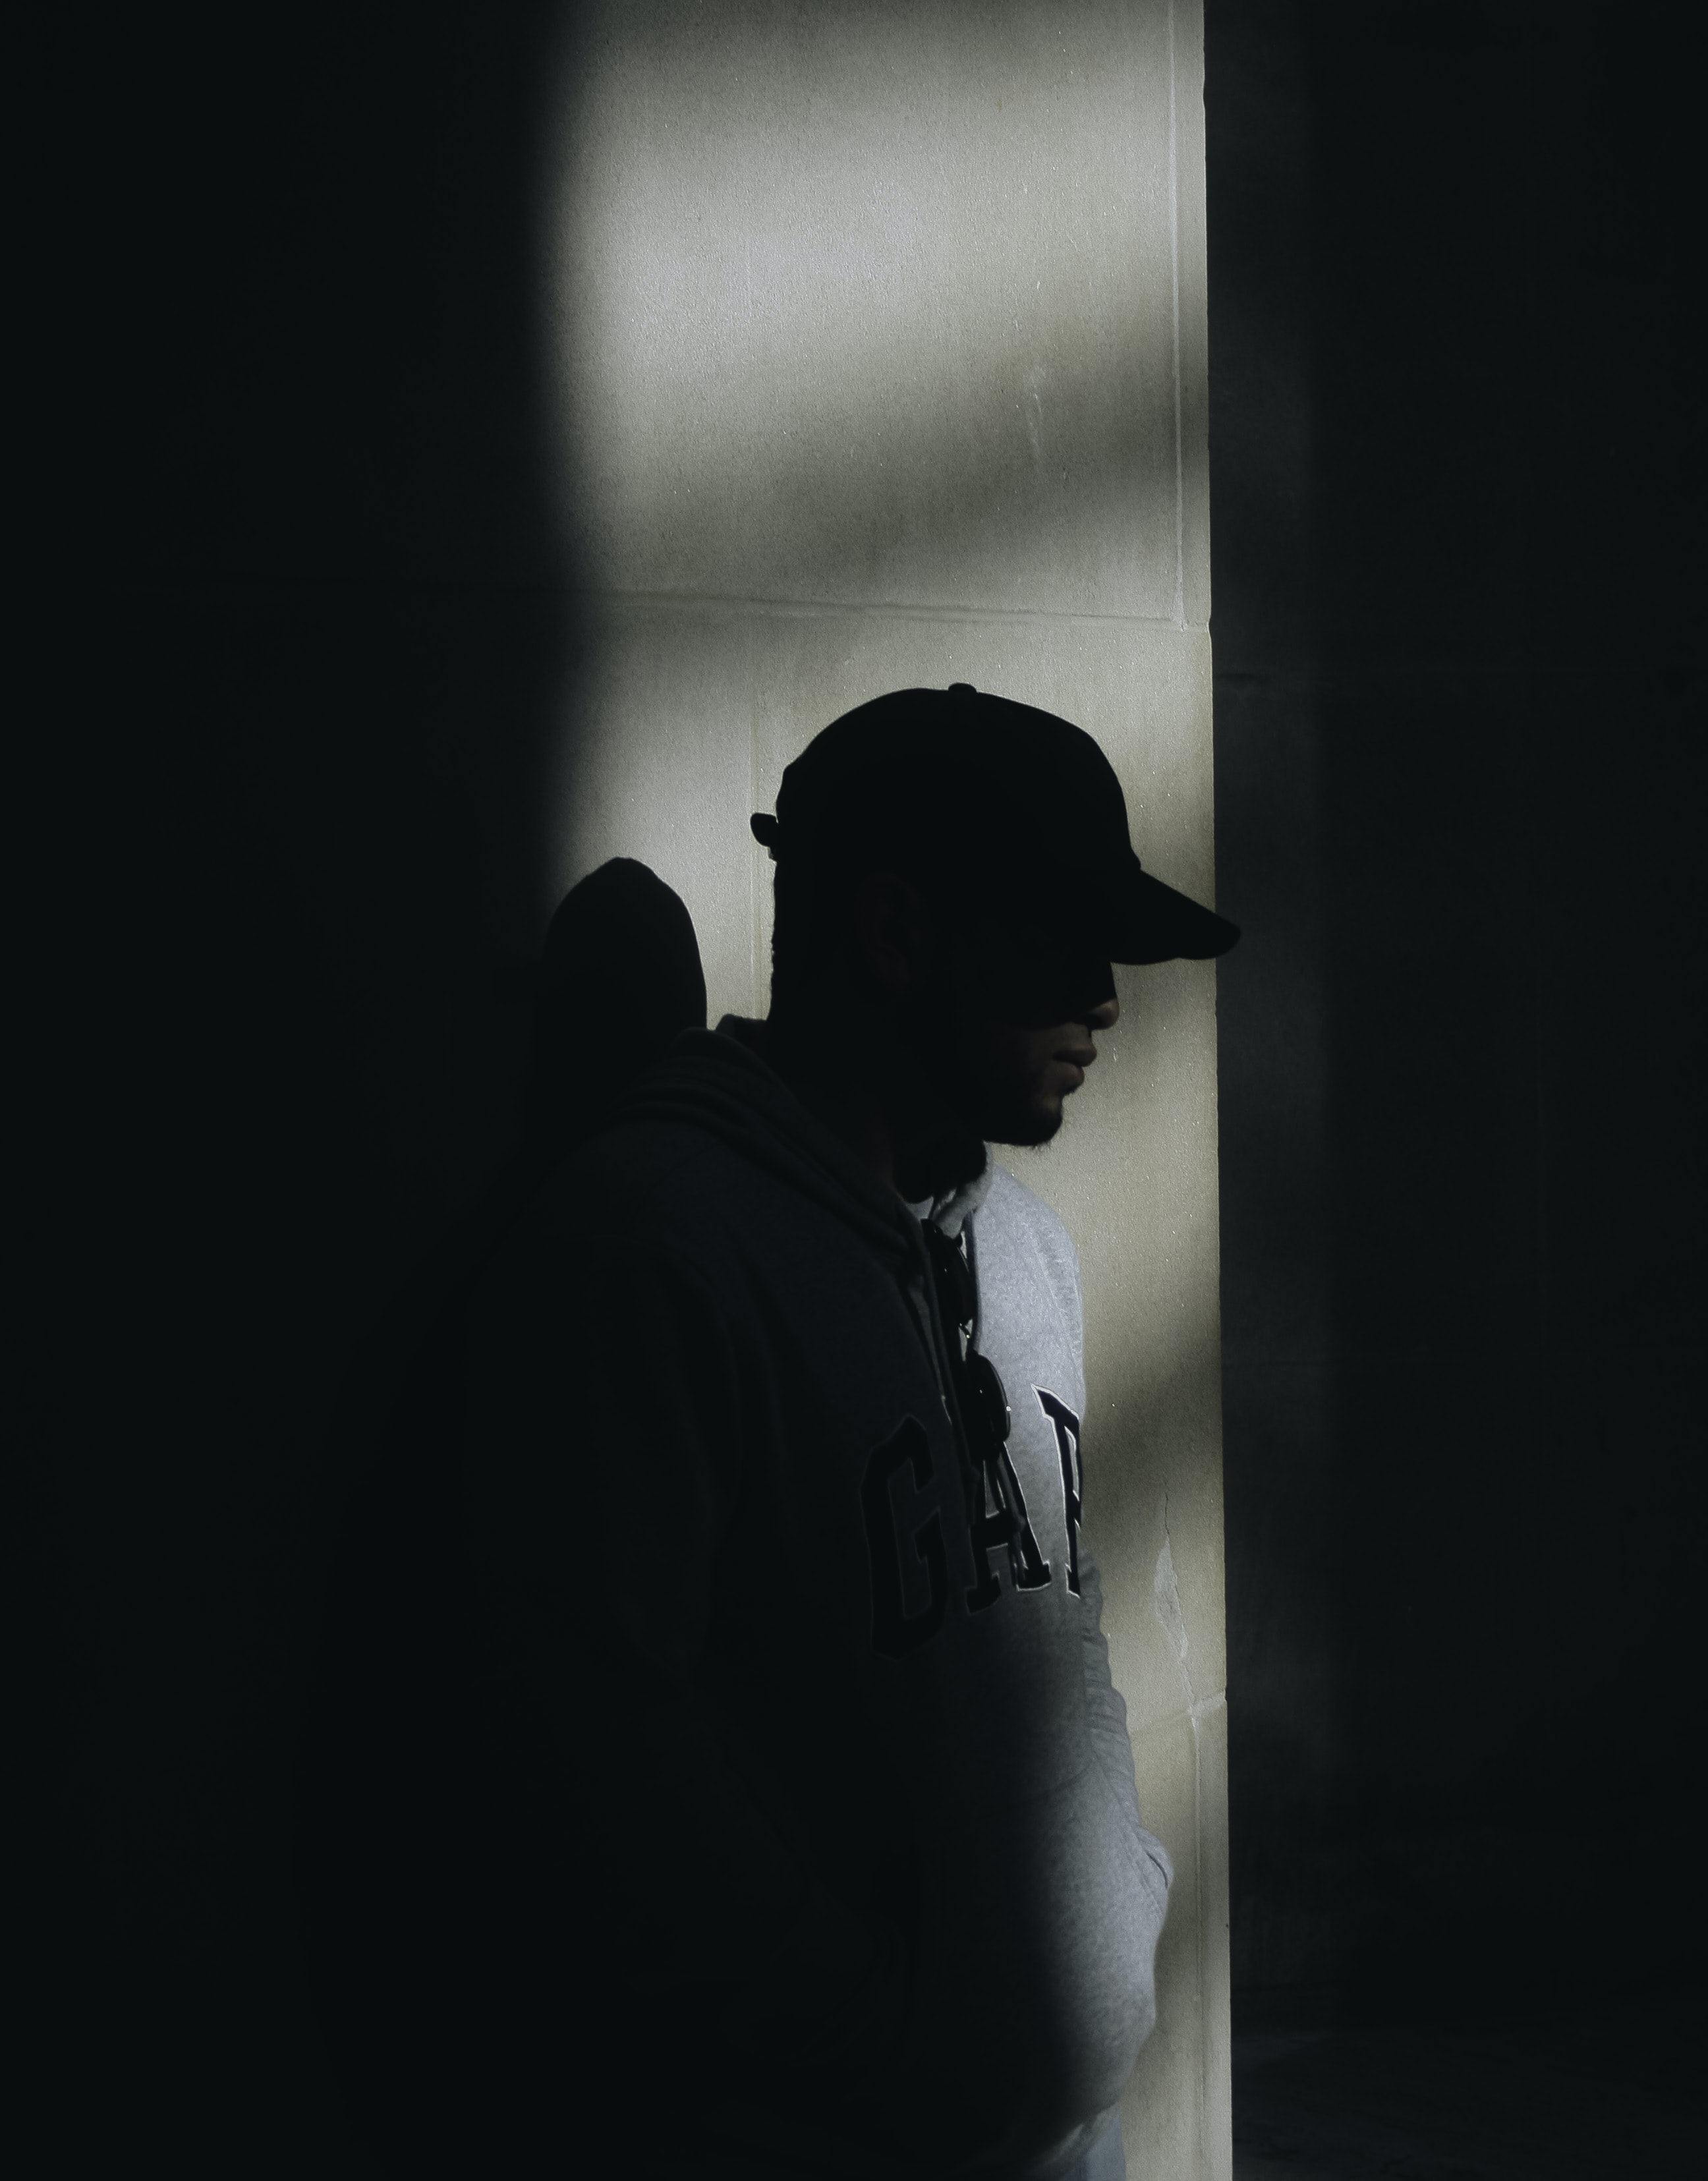 man in gray Gap hoodie standing on dark place